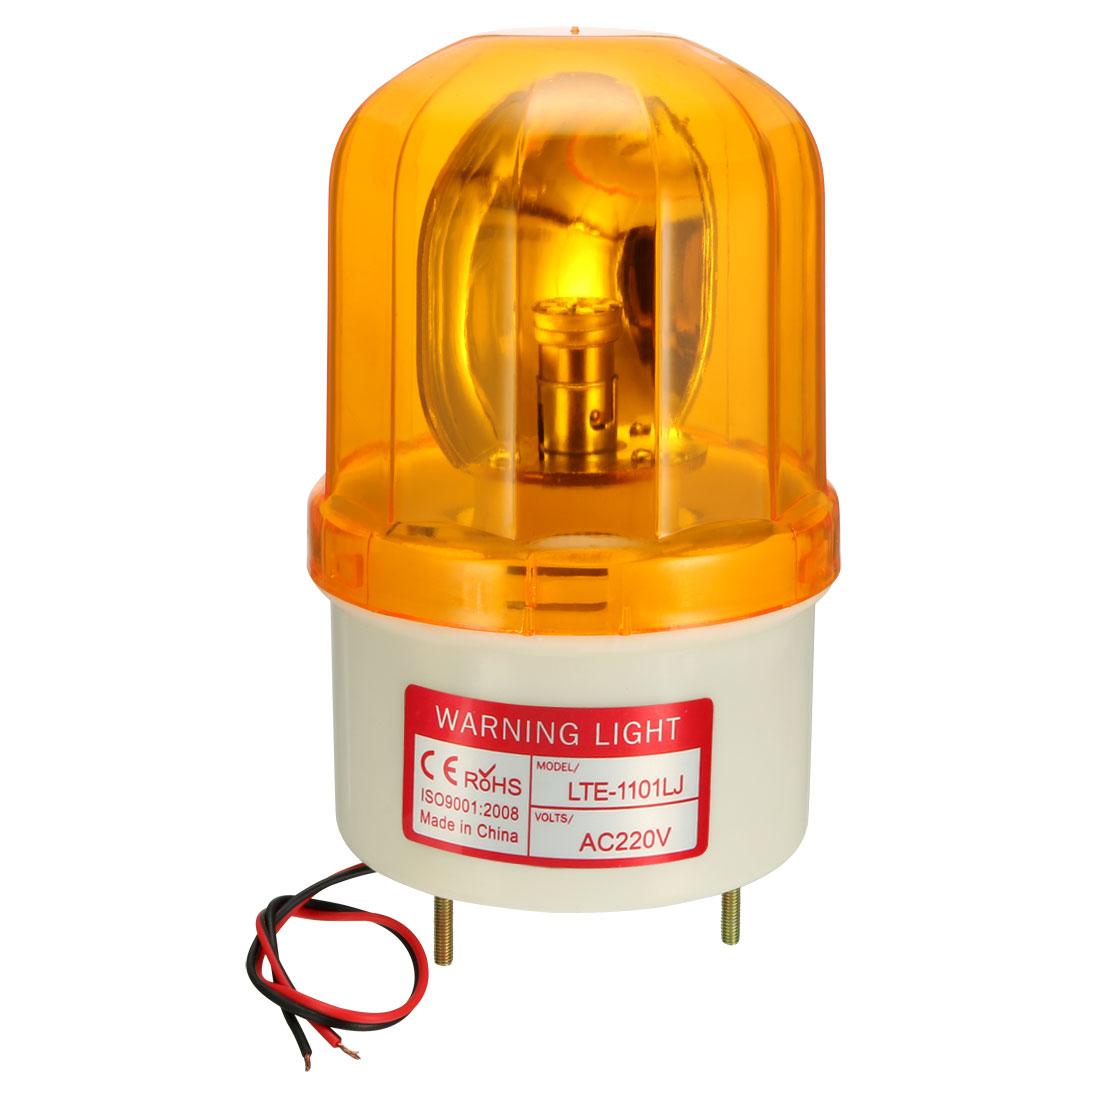 LED Warning Light Rotating Flashing Lamp Buzzer 90dB AC 220V Yellow LTE1101LJ